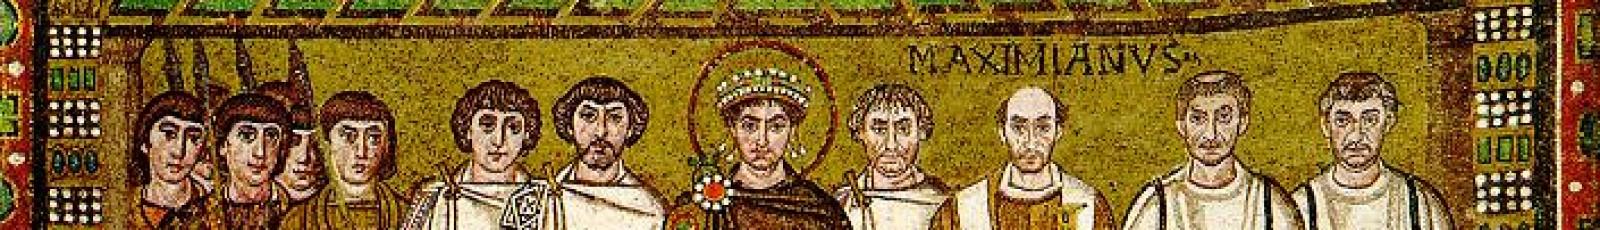 cropped-Justinian_mosaik_ravenna.jpg